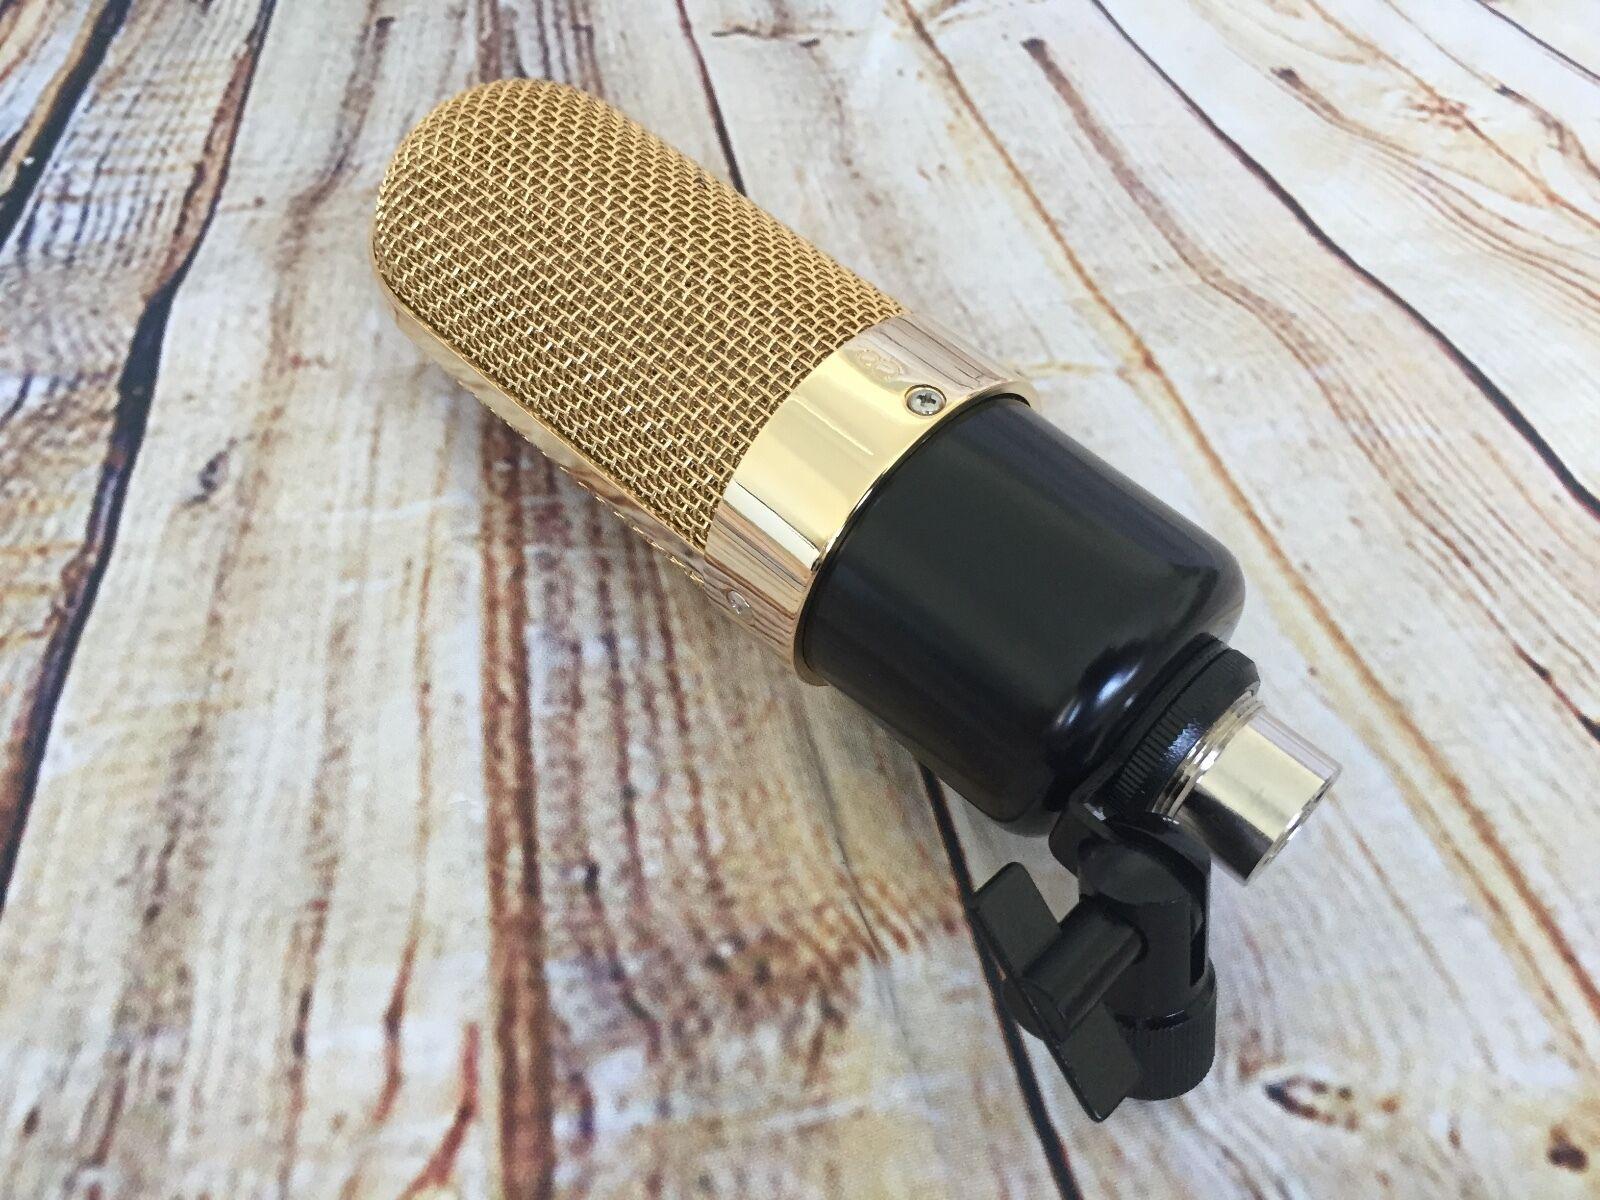 3 X Carcasa de micrófono de cinta del proyecto proyecto proyecto listo para proyectos & Mods Rca Apex  Centro comercial profesional integrado en línea.